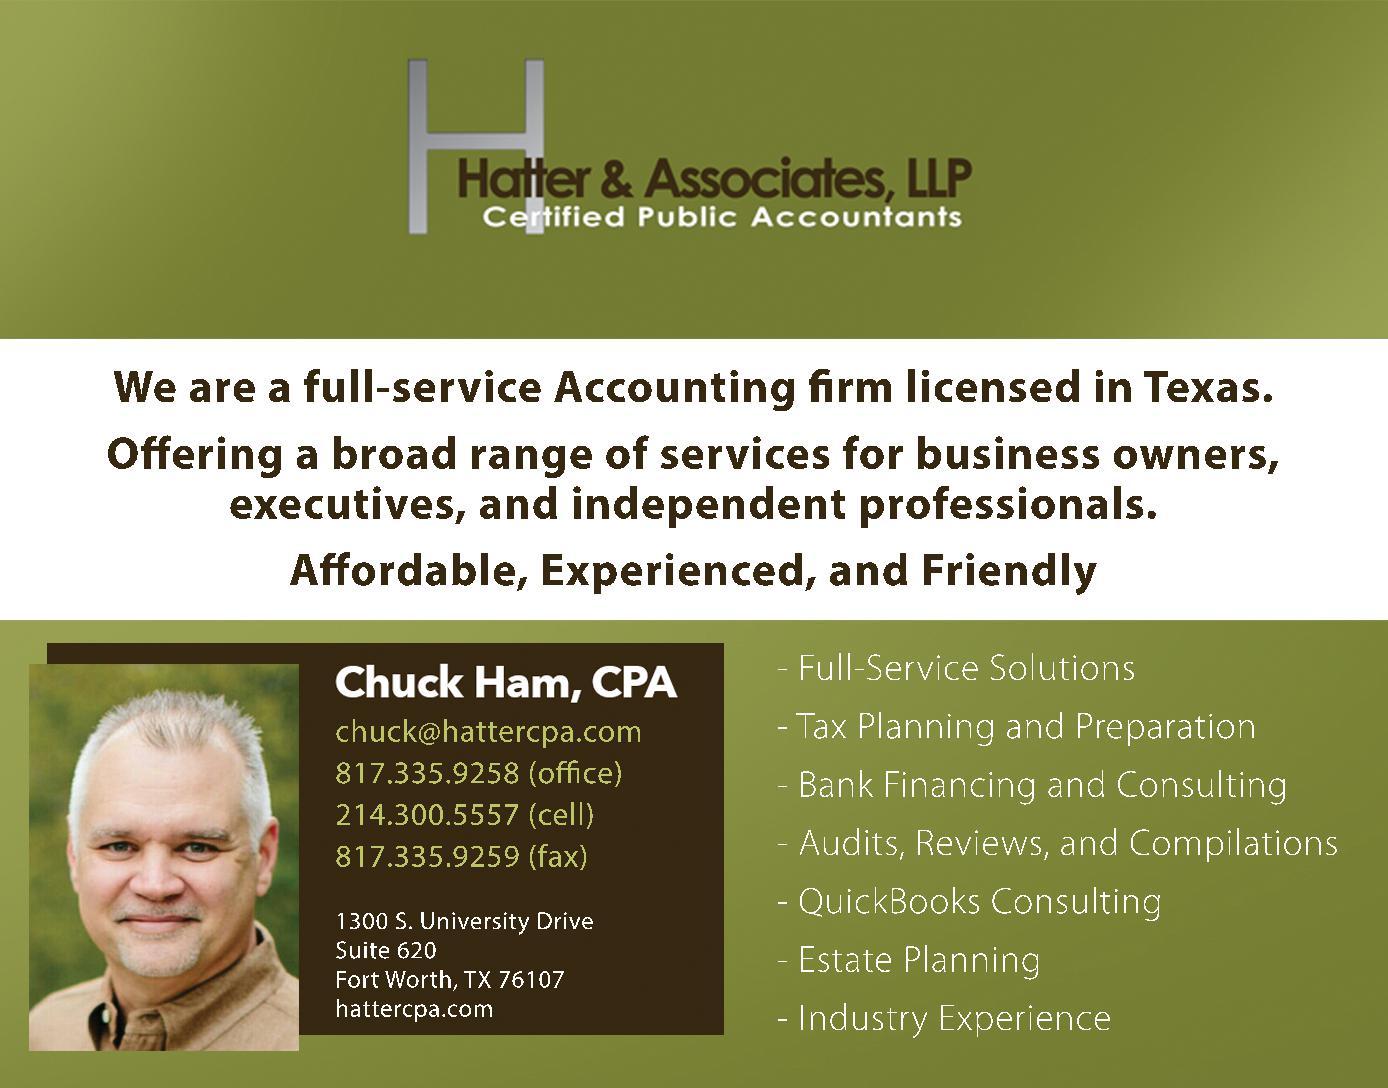 Hatter & Associates